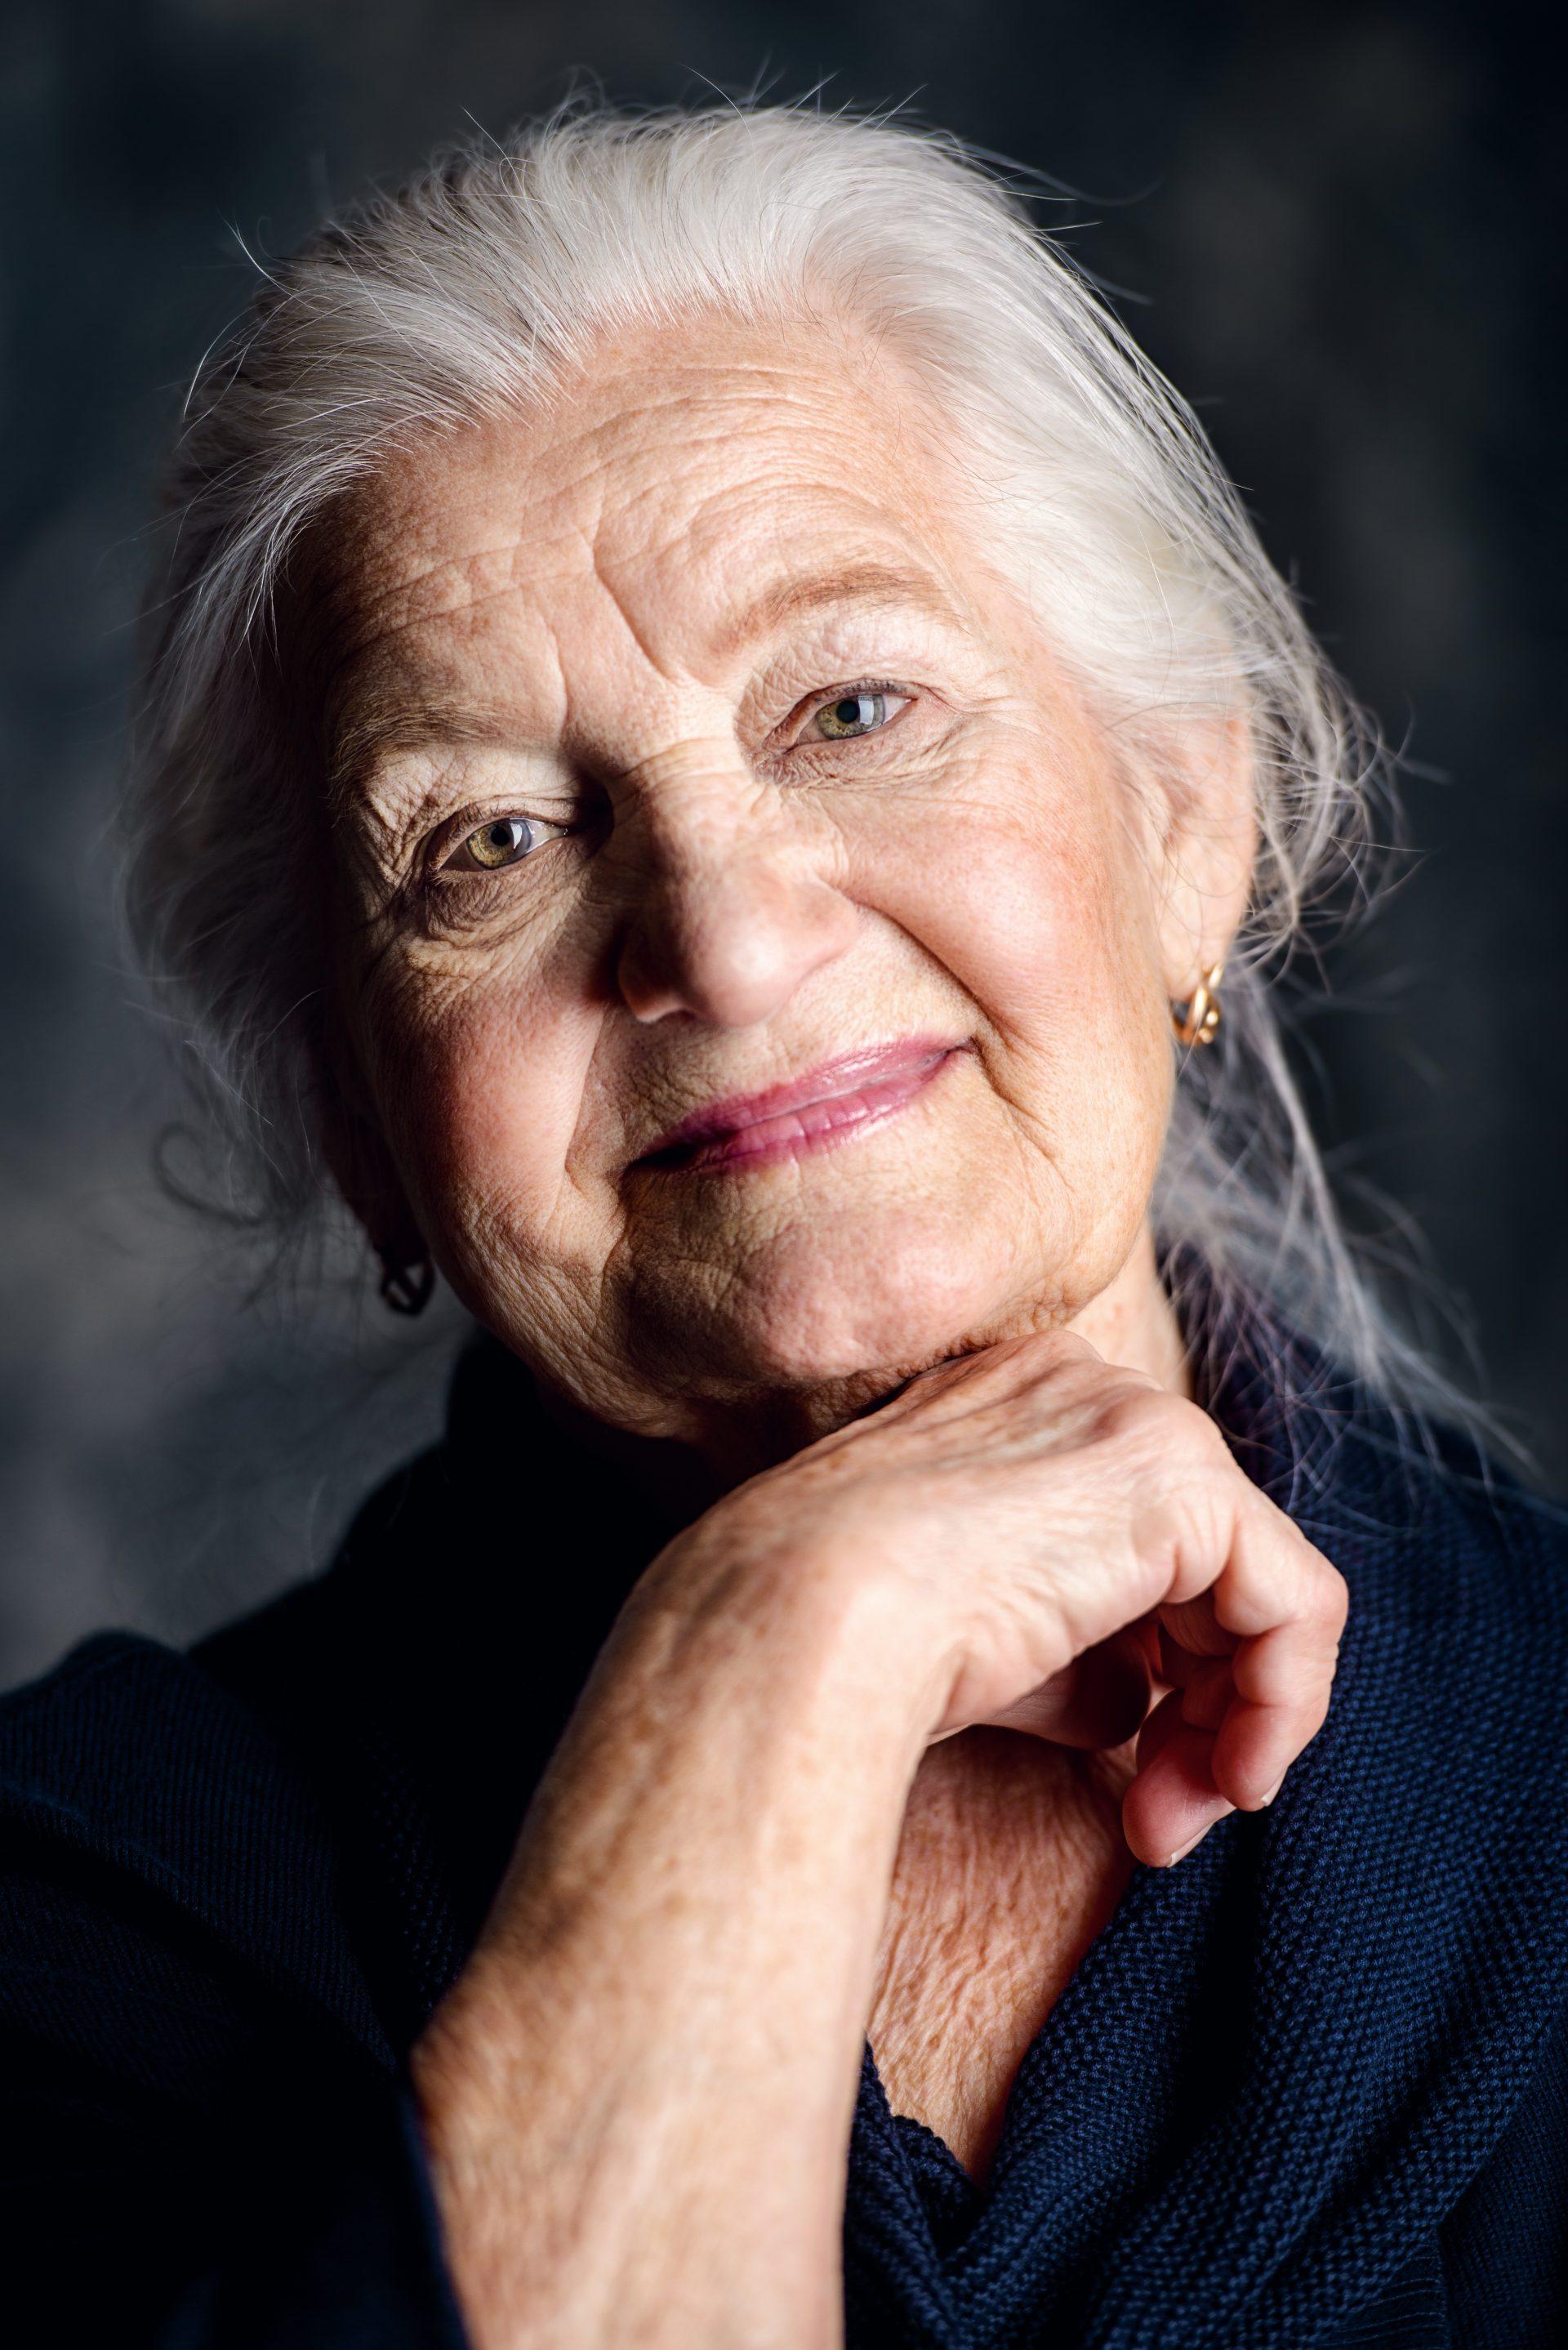 Aide et maintien à domicile sur Niort en Deux-Sèvres (79) : Maladie d'Alzheimer